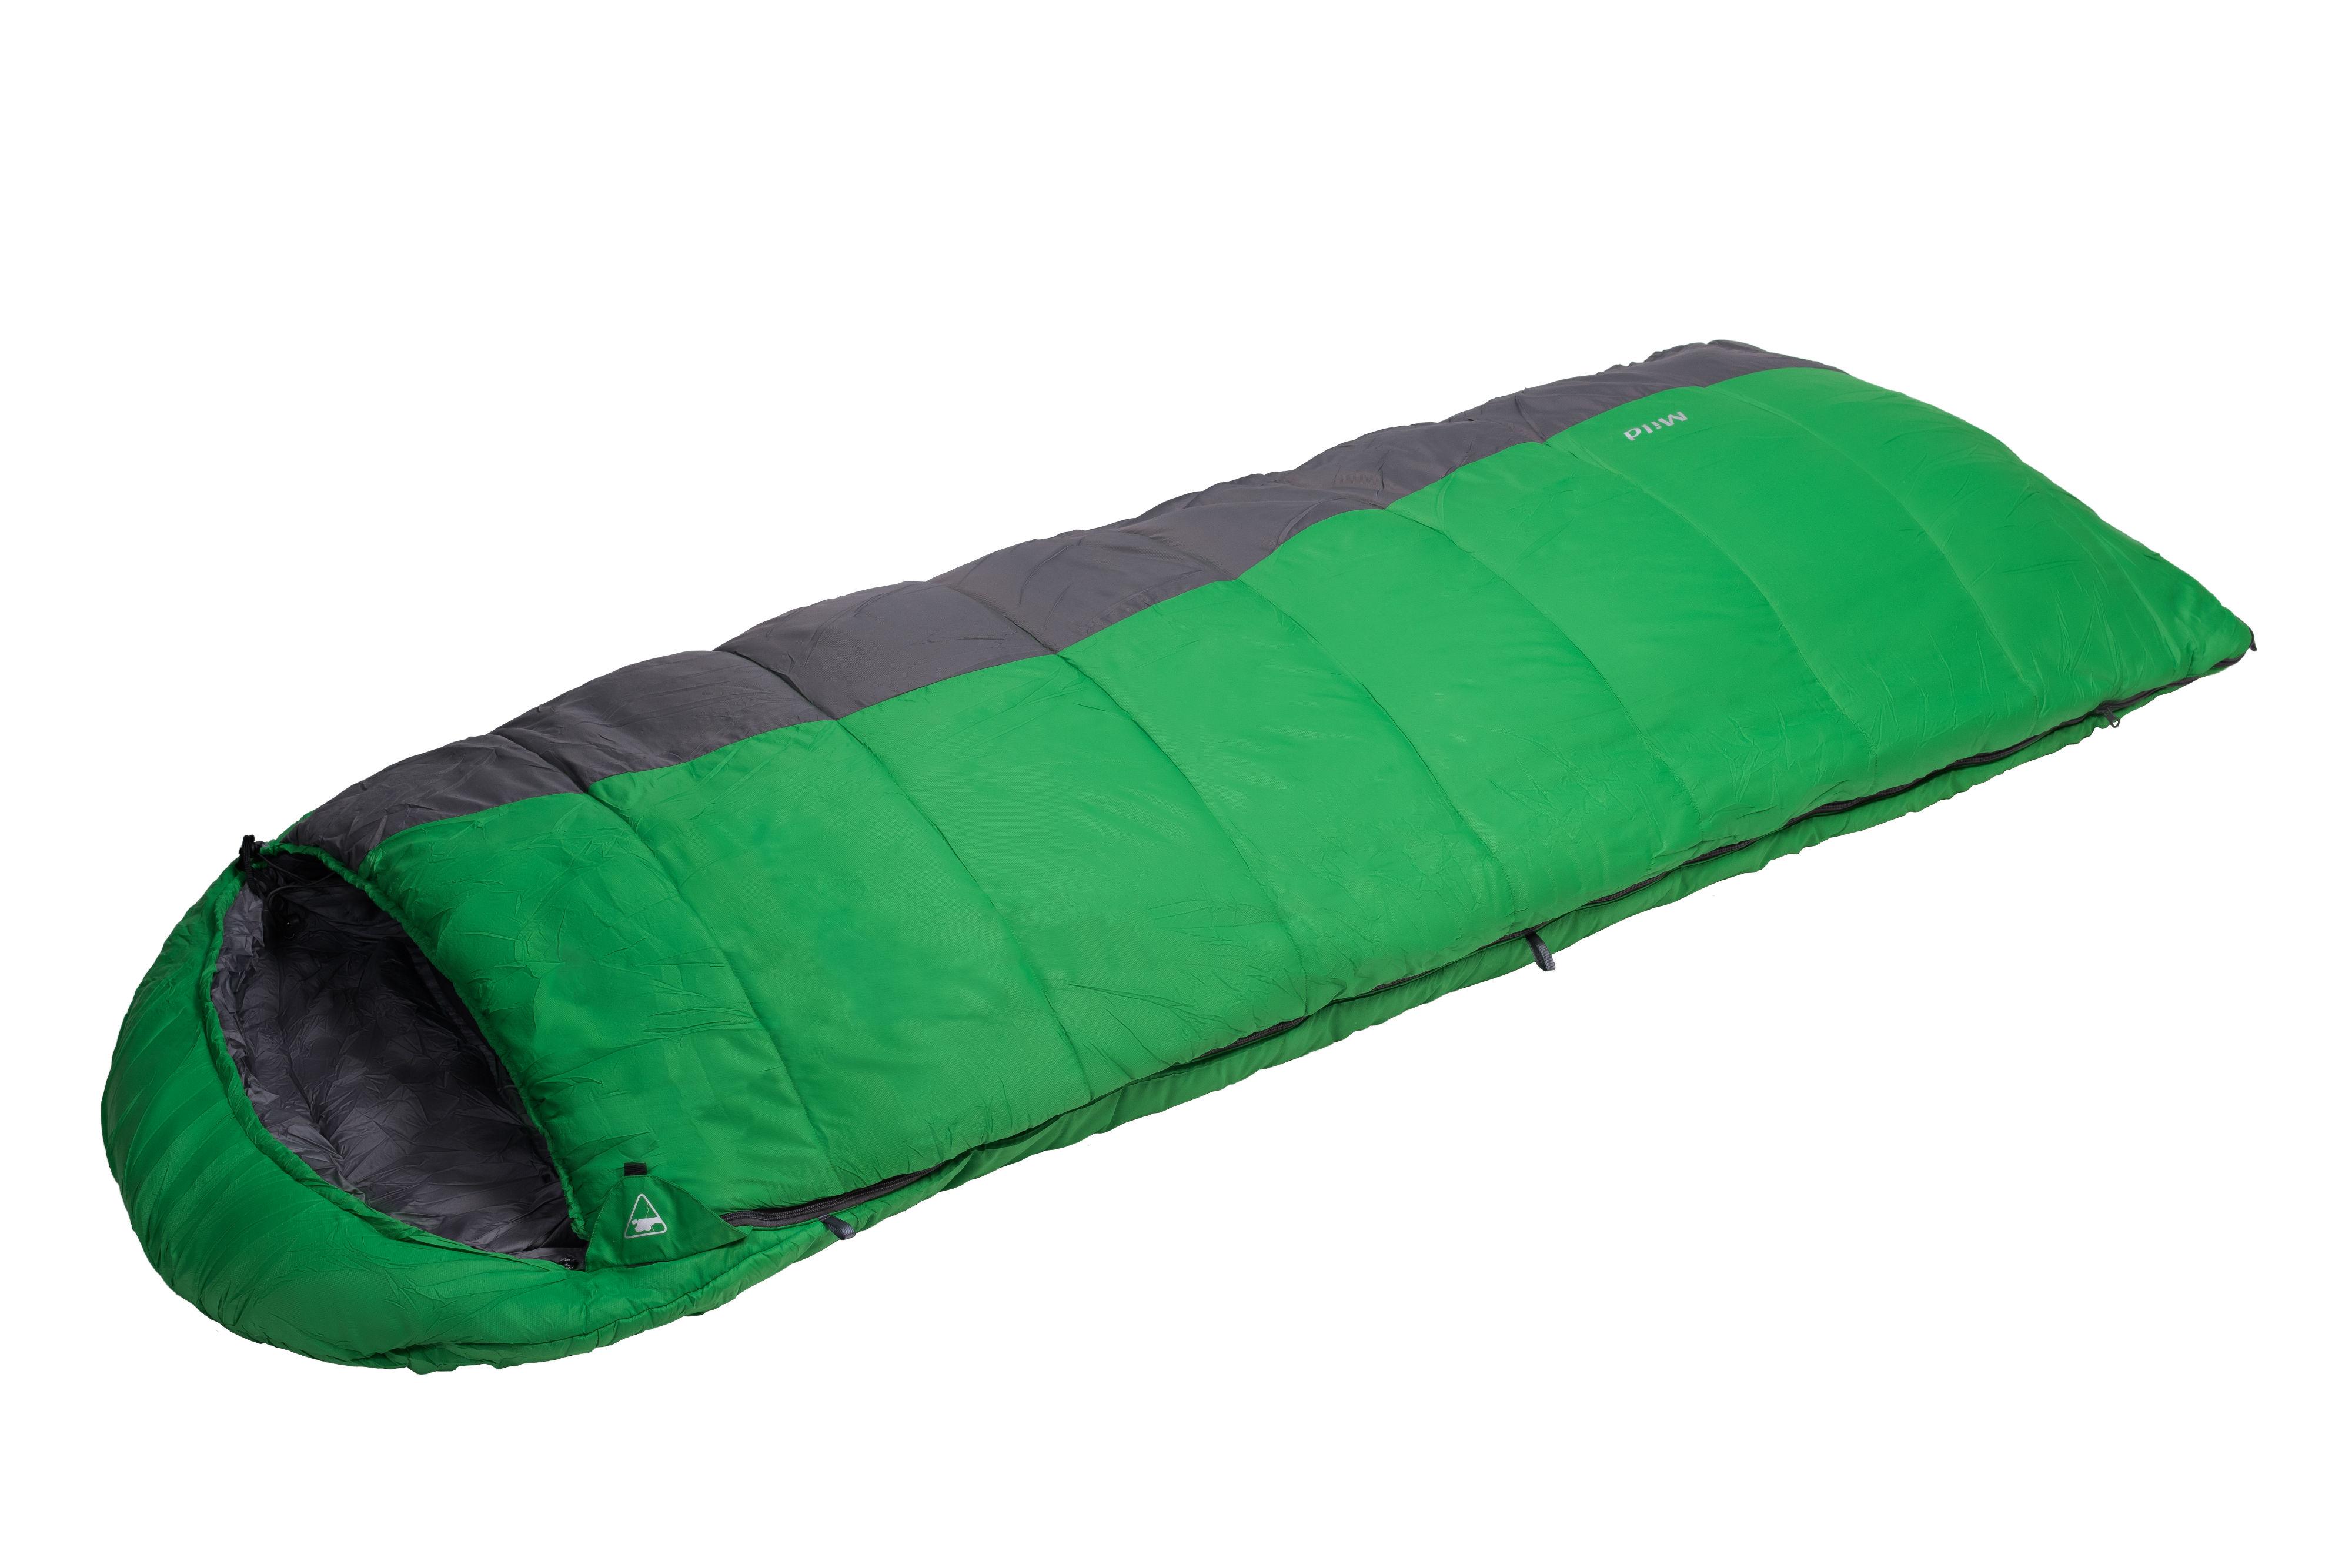 Спальный мешок BASK MILD 5975Спальник одеяло с подголовником до -15 &amp;deg;C, с двумя слоями утеплителя Thermolite&amp;reg; Extra. Поперечная молния позволяет трансформировать спальный мешок в одеяло.<br><br>Верхняя ткань: Nylon 30D Diamond Rip stop<br>Вес без упаковки: 1760<br>Вес упаковки: 110<br>Внутренняя ткань: Pongee®<br>Количество слоев утеплителя: 2<br>Назначение: туристический<br>Наличие карманов: Да<br>Наполнитель: синтетический<br>Подголовник/Капюшон: Да<br>Пол: унисекс<br>Размер в упакованном виде (диаметр х длина): 21х41<br>Размеры наружные (внутренние): 235x200x90<br>Система расположения слоев утеплителя или пуховых пакетов: продольная<br>Температура комфорта °C: 5<br>Тесьма вдоль планки: Да<br>Тип молнии: разъемная<br>Тип утеплителя: синтетический<br>Утеплитель: Thermolite Extra (Dupont)<br>Утепляющая планка: Да<br>Форма: одеяло<br>Шейный пакет: Да<br>Экстремальная температура °C: -15<br>Размер RU: R<br>Цвет: ЗЕЛЕНЫЙ